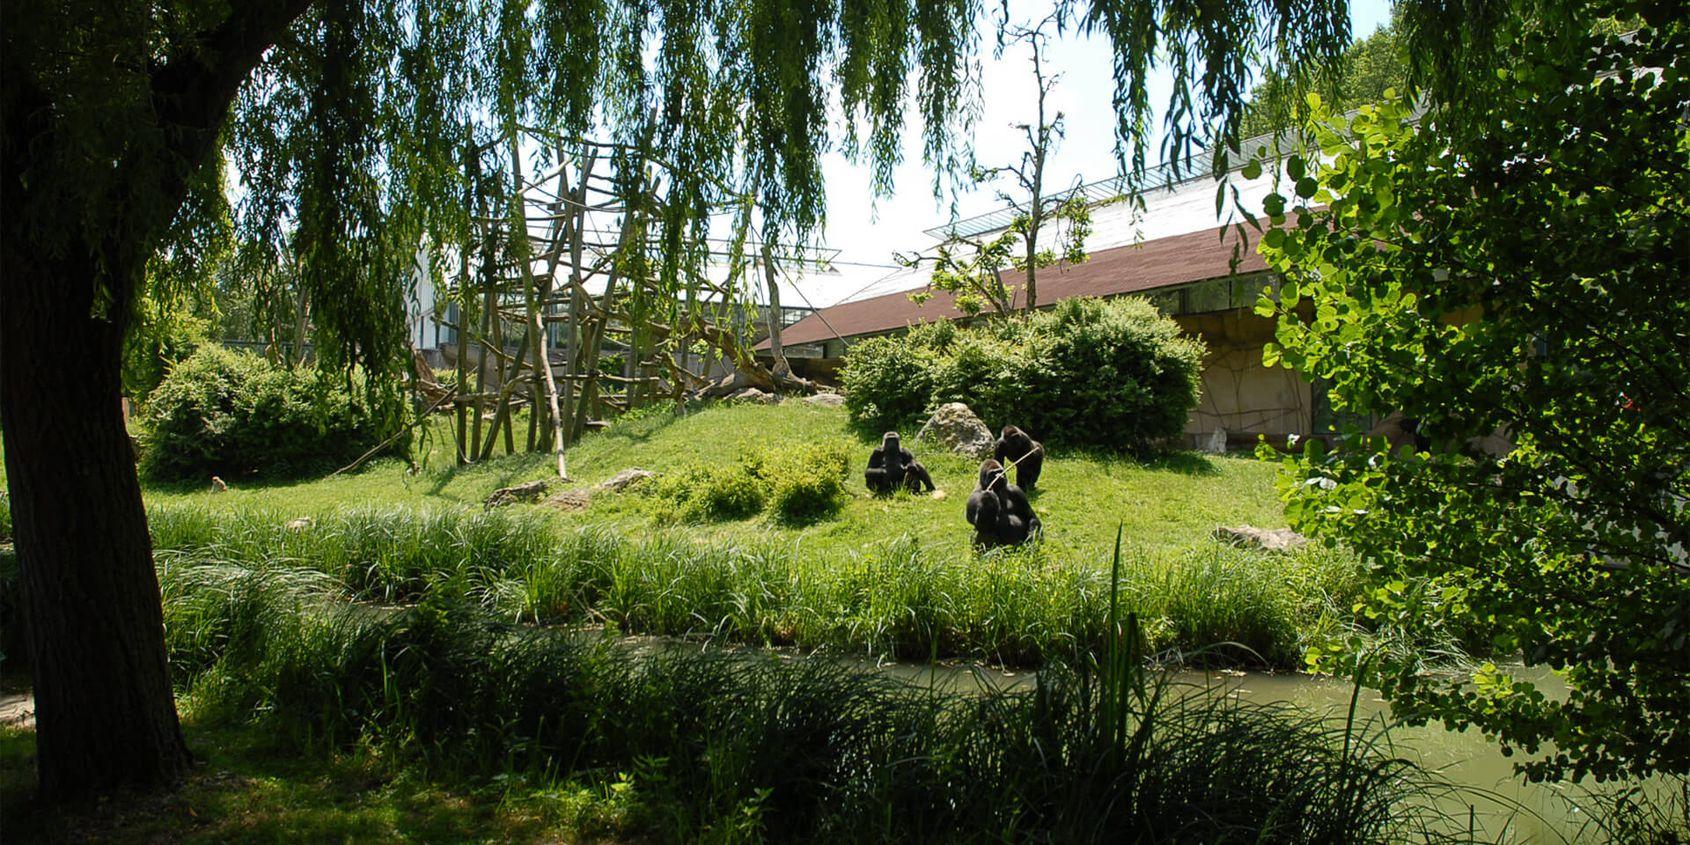 L'île des gorilles - Territoire de La Serre des Gorilles - ZooParc de Beauval